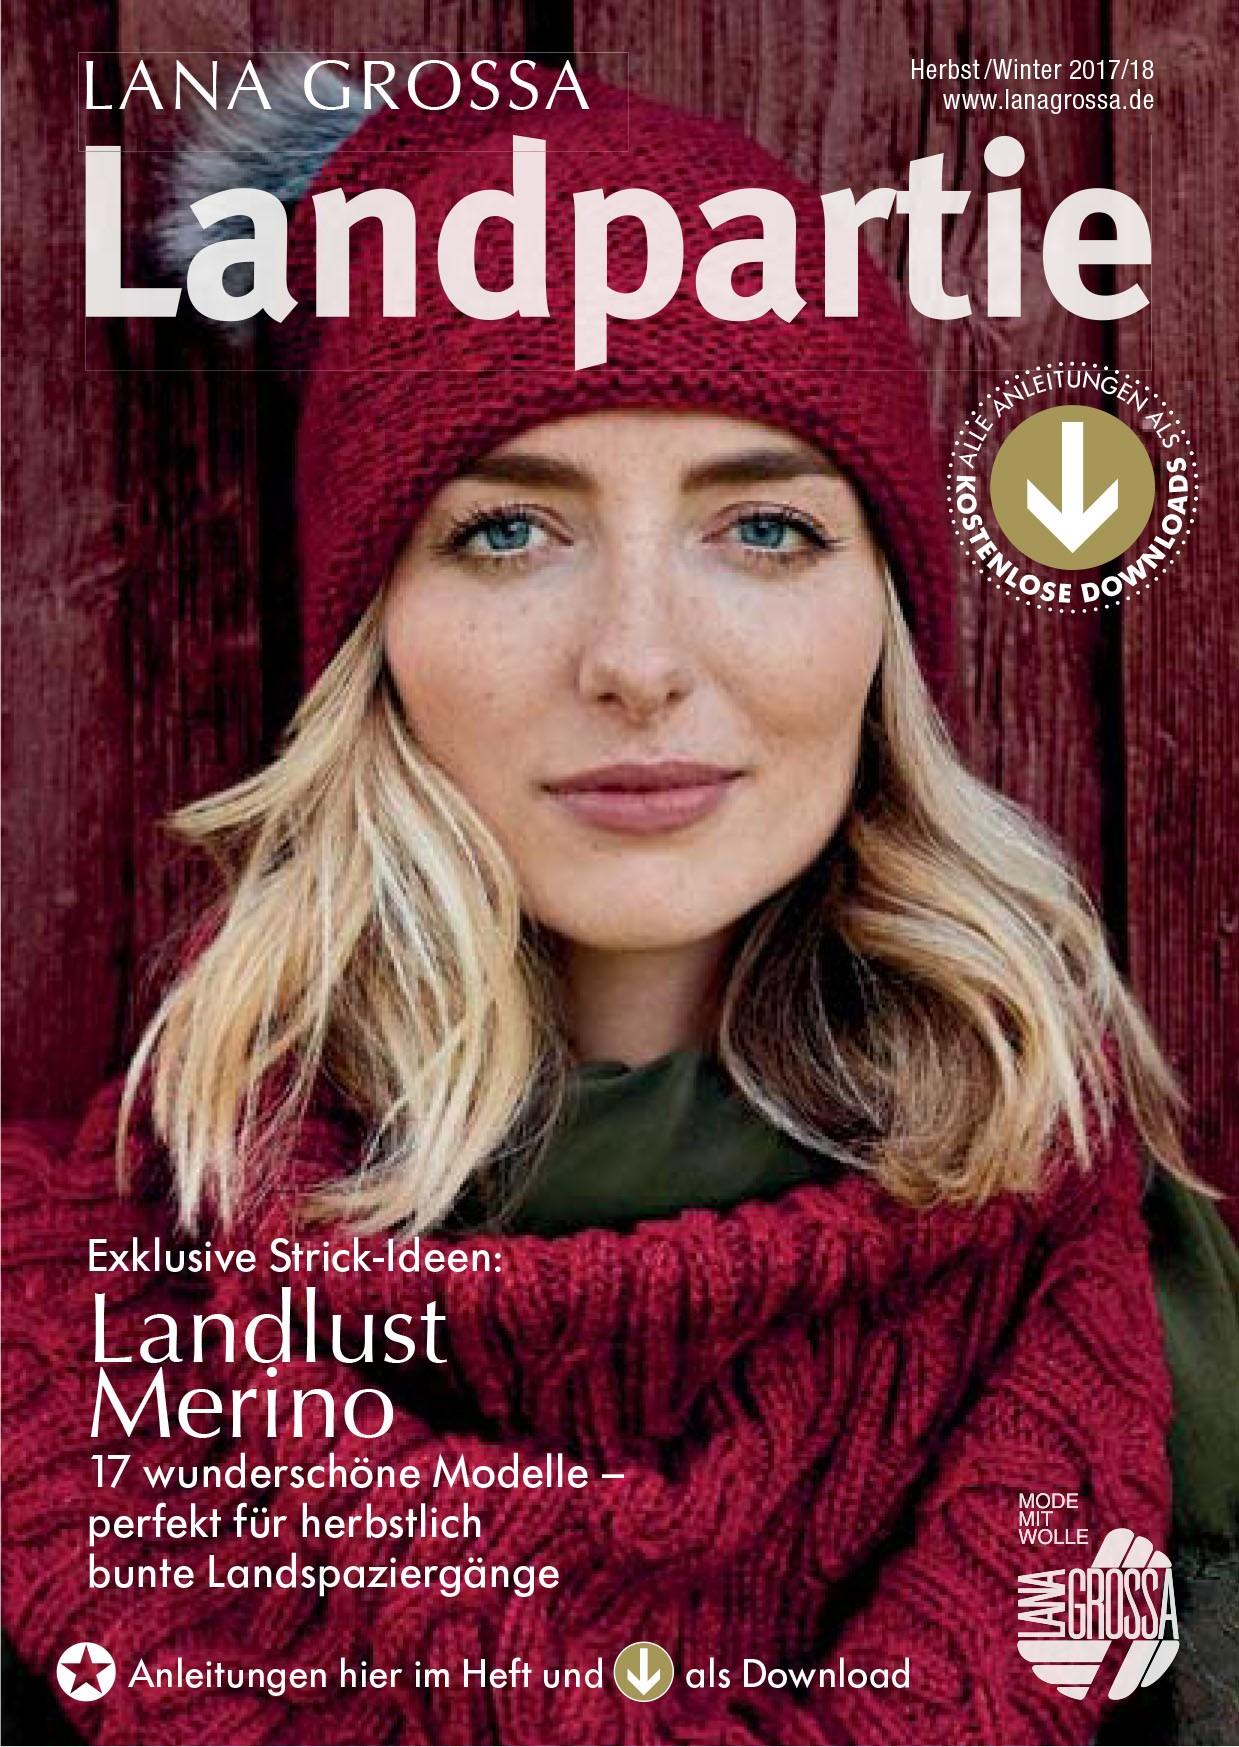 Lana Grossa LANDPARTIE - German Edition